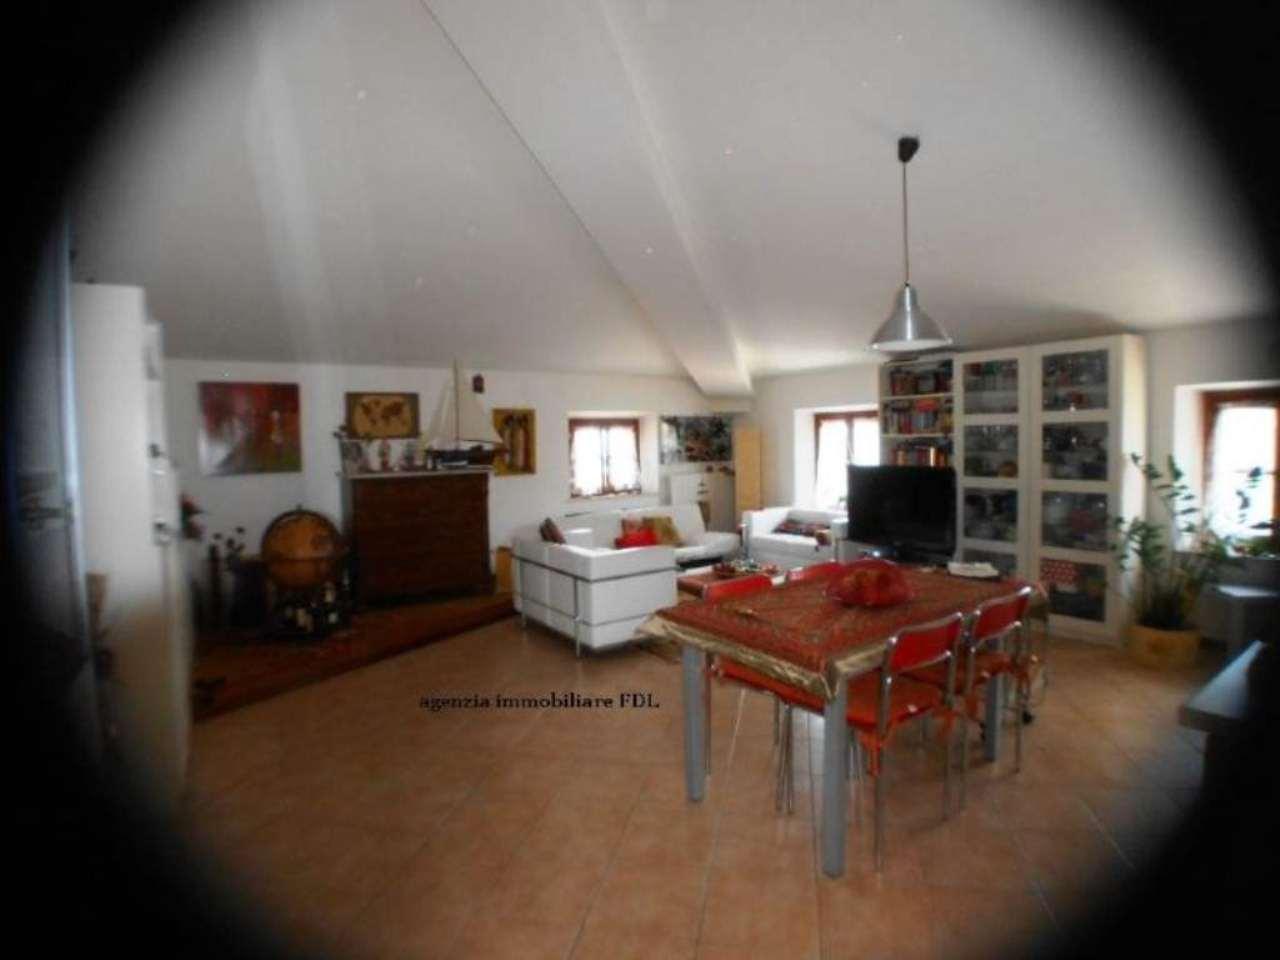 Attico / Mansarda in vendita a Casciana Terme Lari, 4 locali, prezzo € 92.000 | Cambio Casa.it